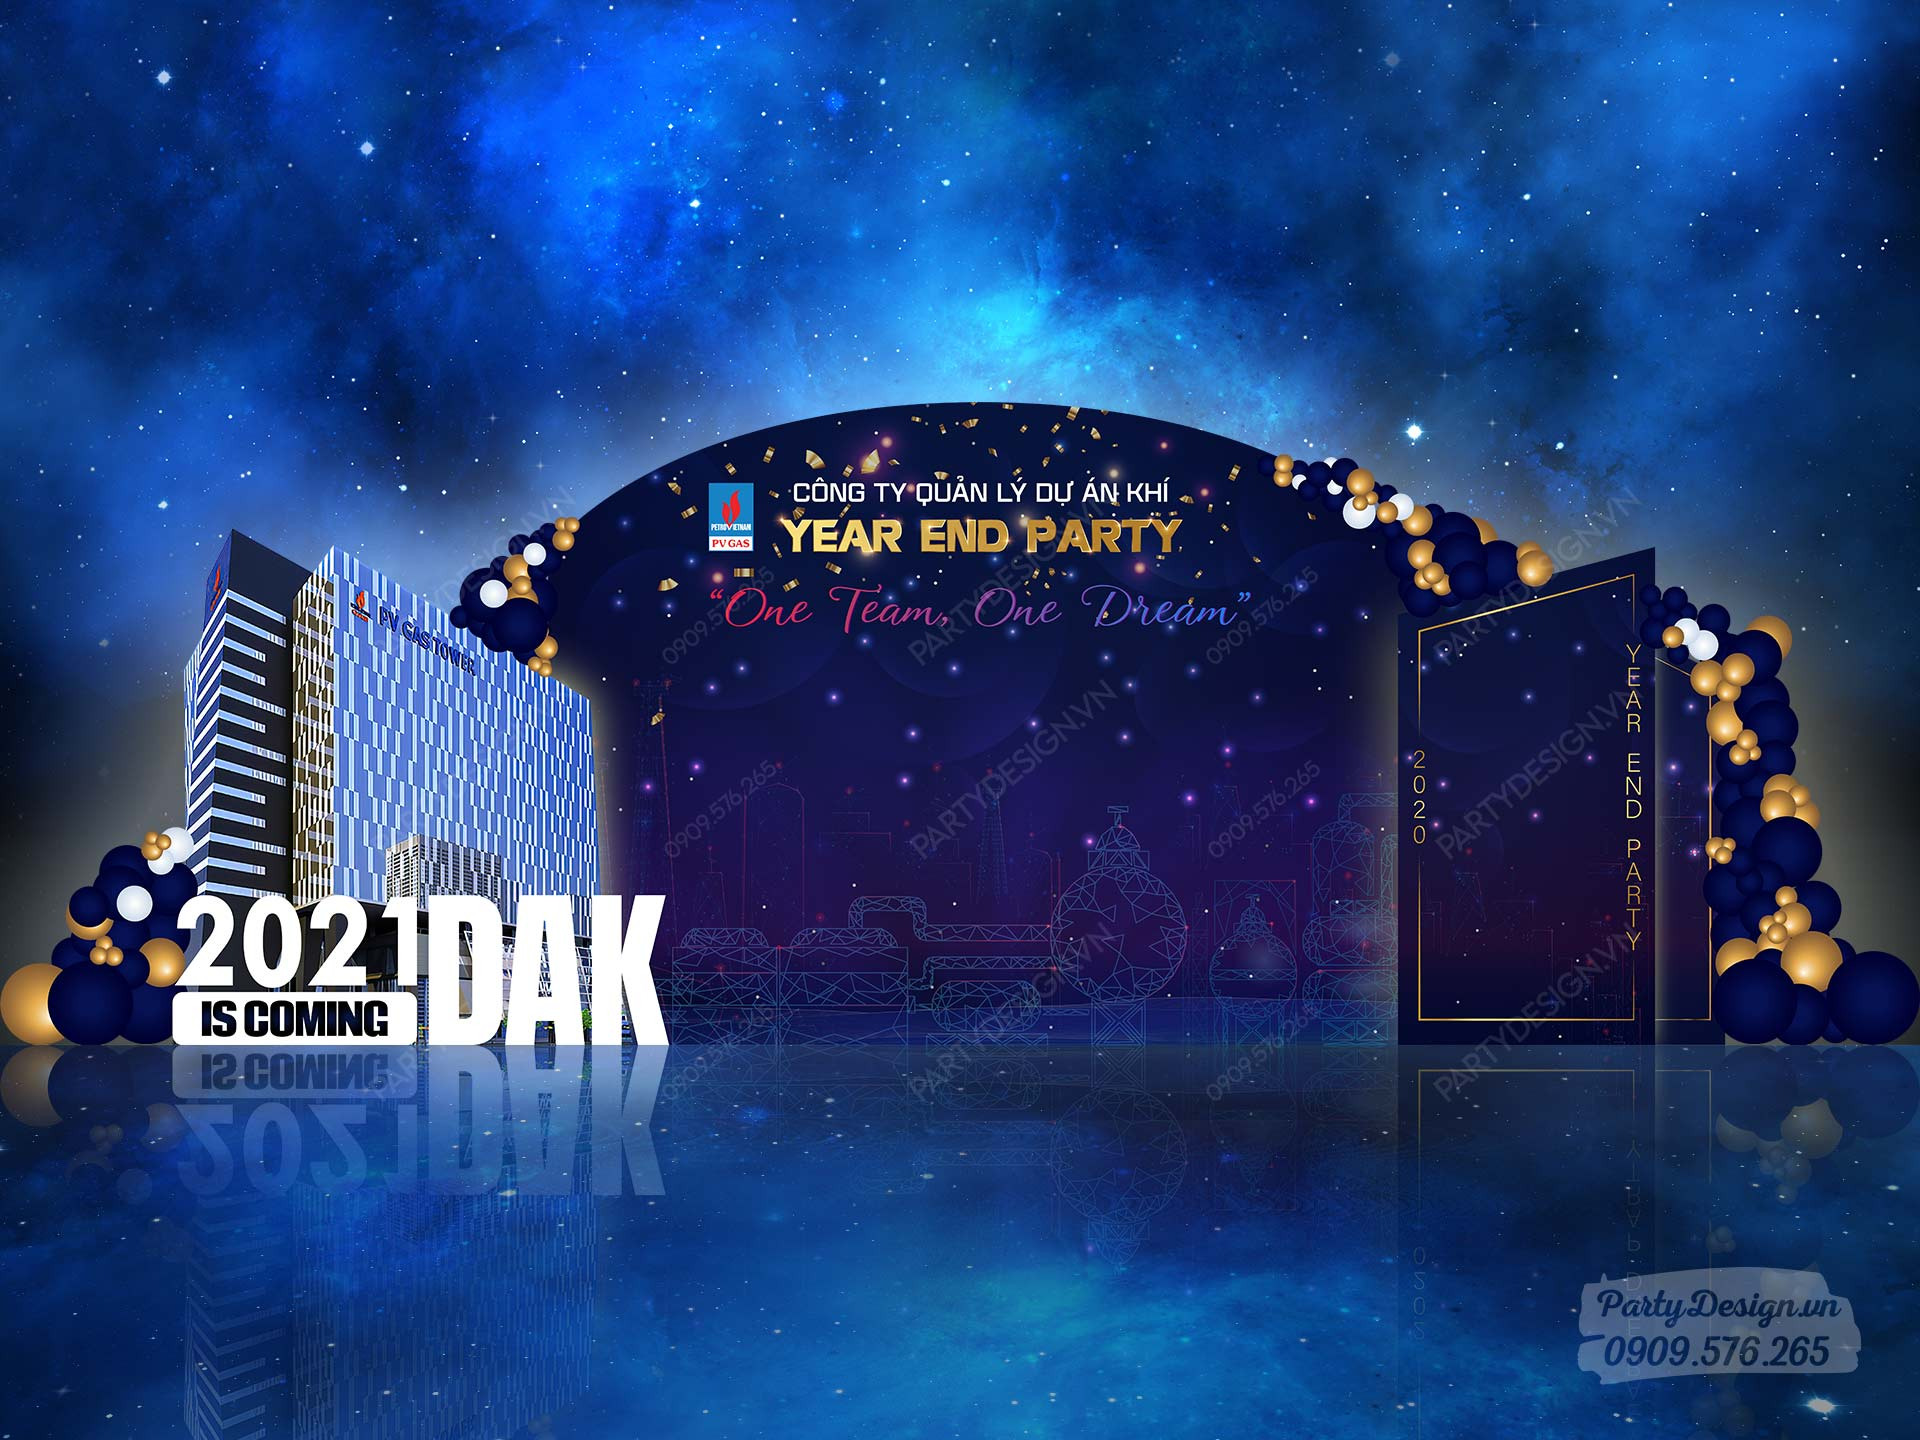 Backdrop trang trí tiệc year end party, tất niên công ty PVI GAS tone xanh blue vàng gold